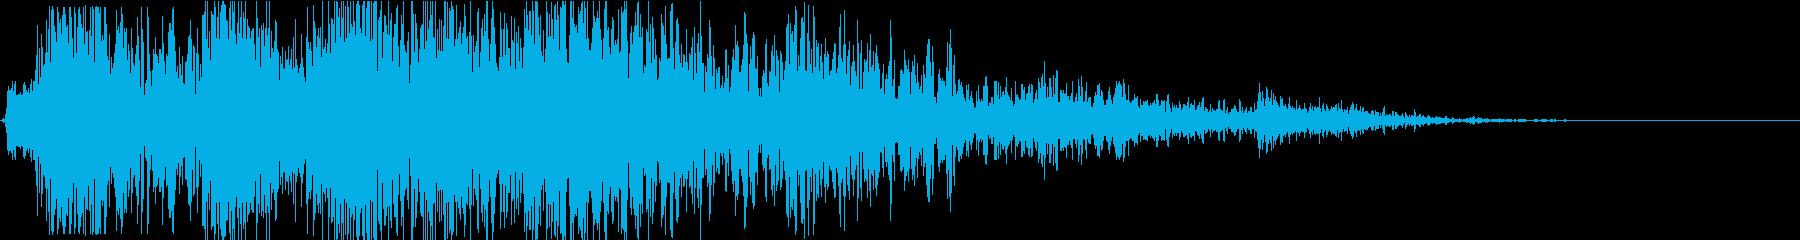 爆発20の再生済みの波形